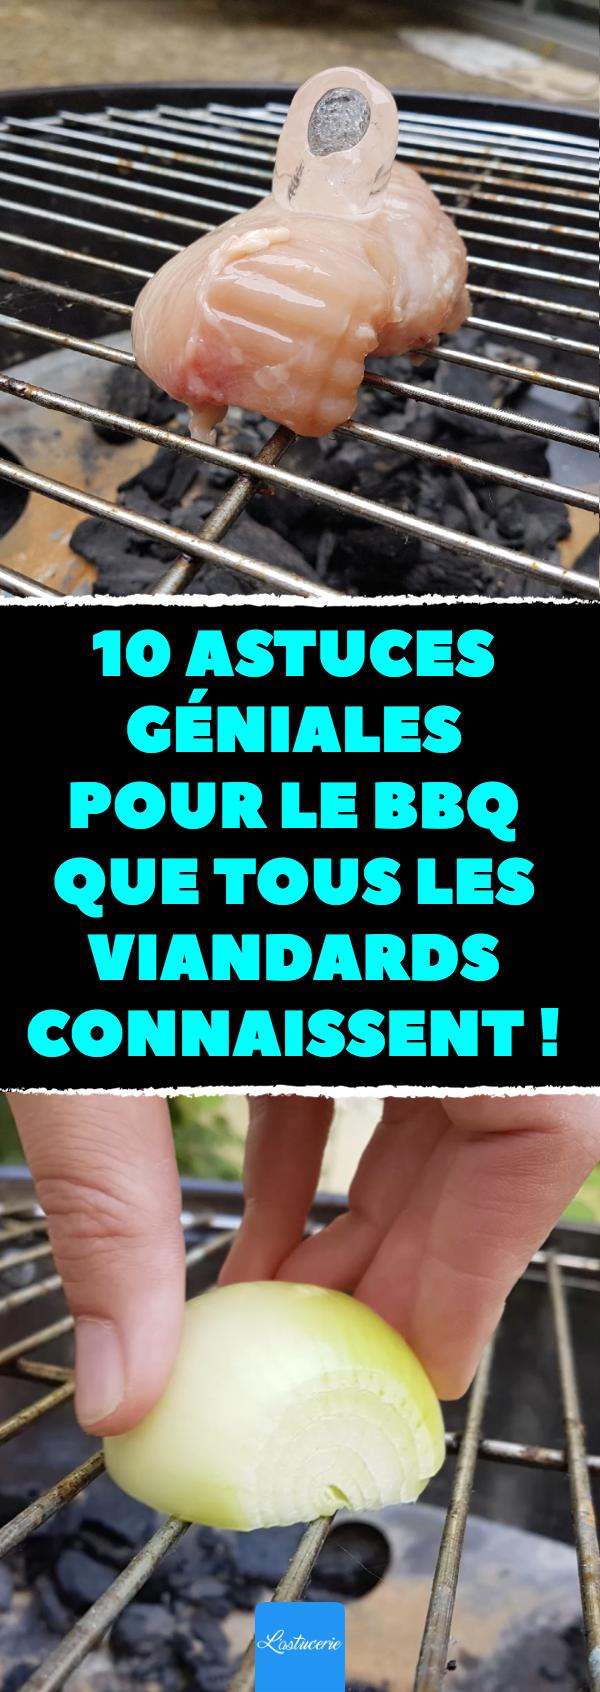 10 astuces g niales pour le bbq que tous les viandards connaissent du nettoyage du grill la. Black Bedroom Furniture Sets. Home Design Ideas